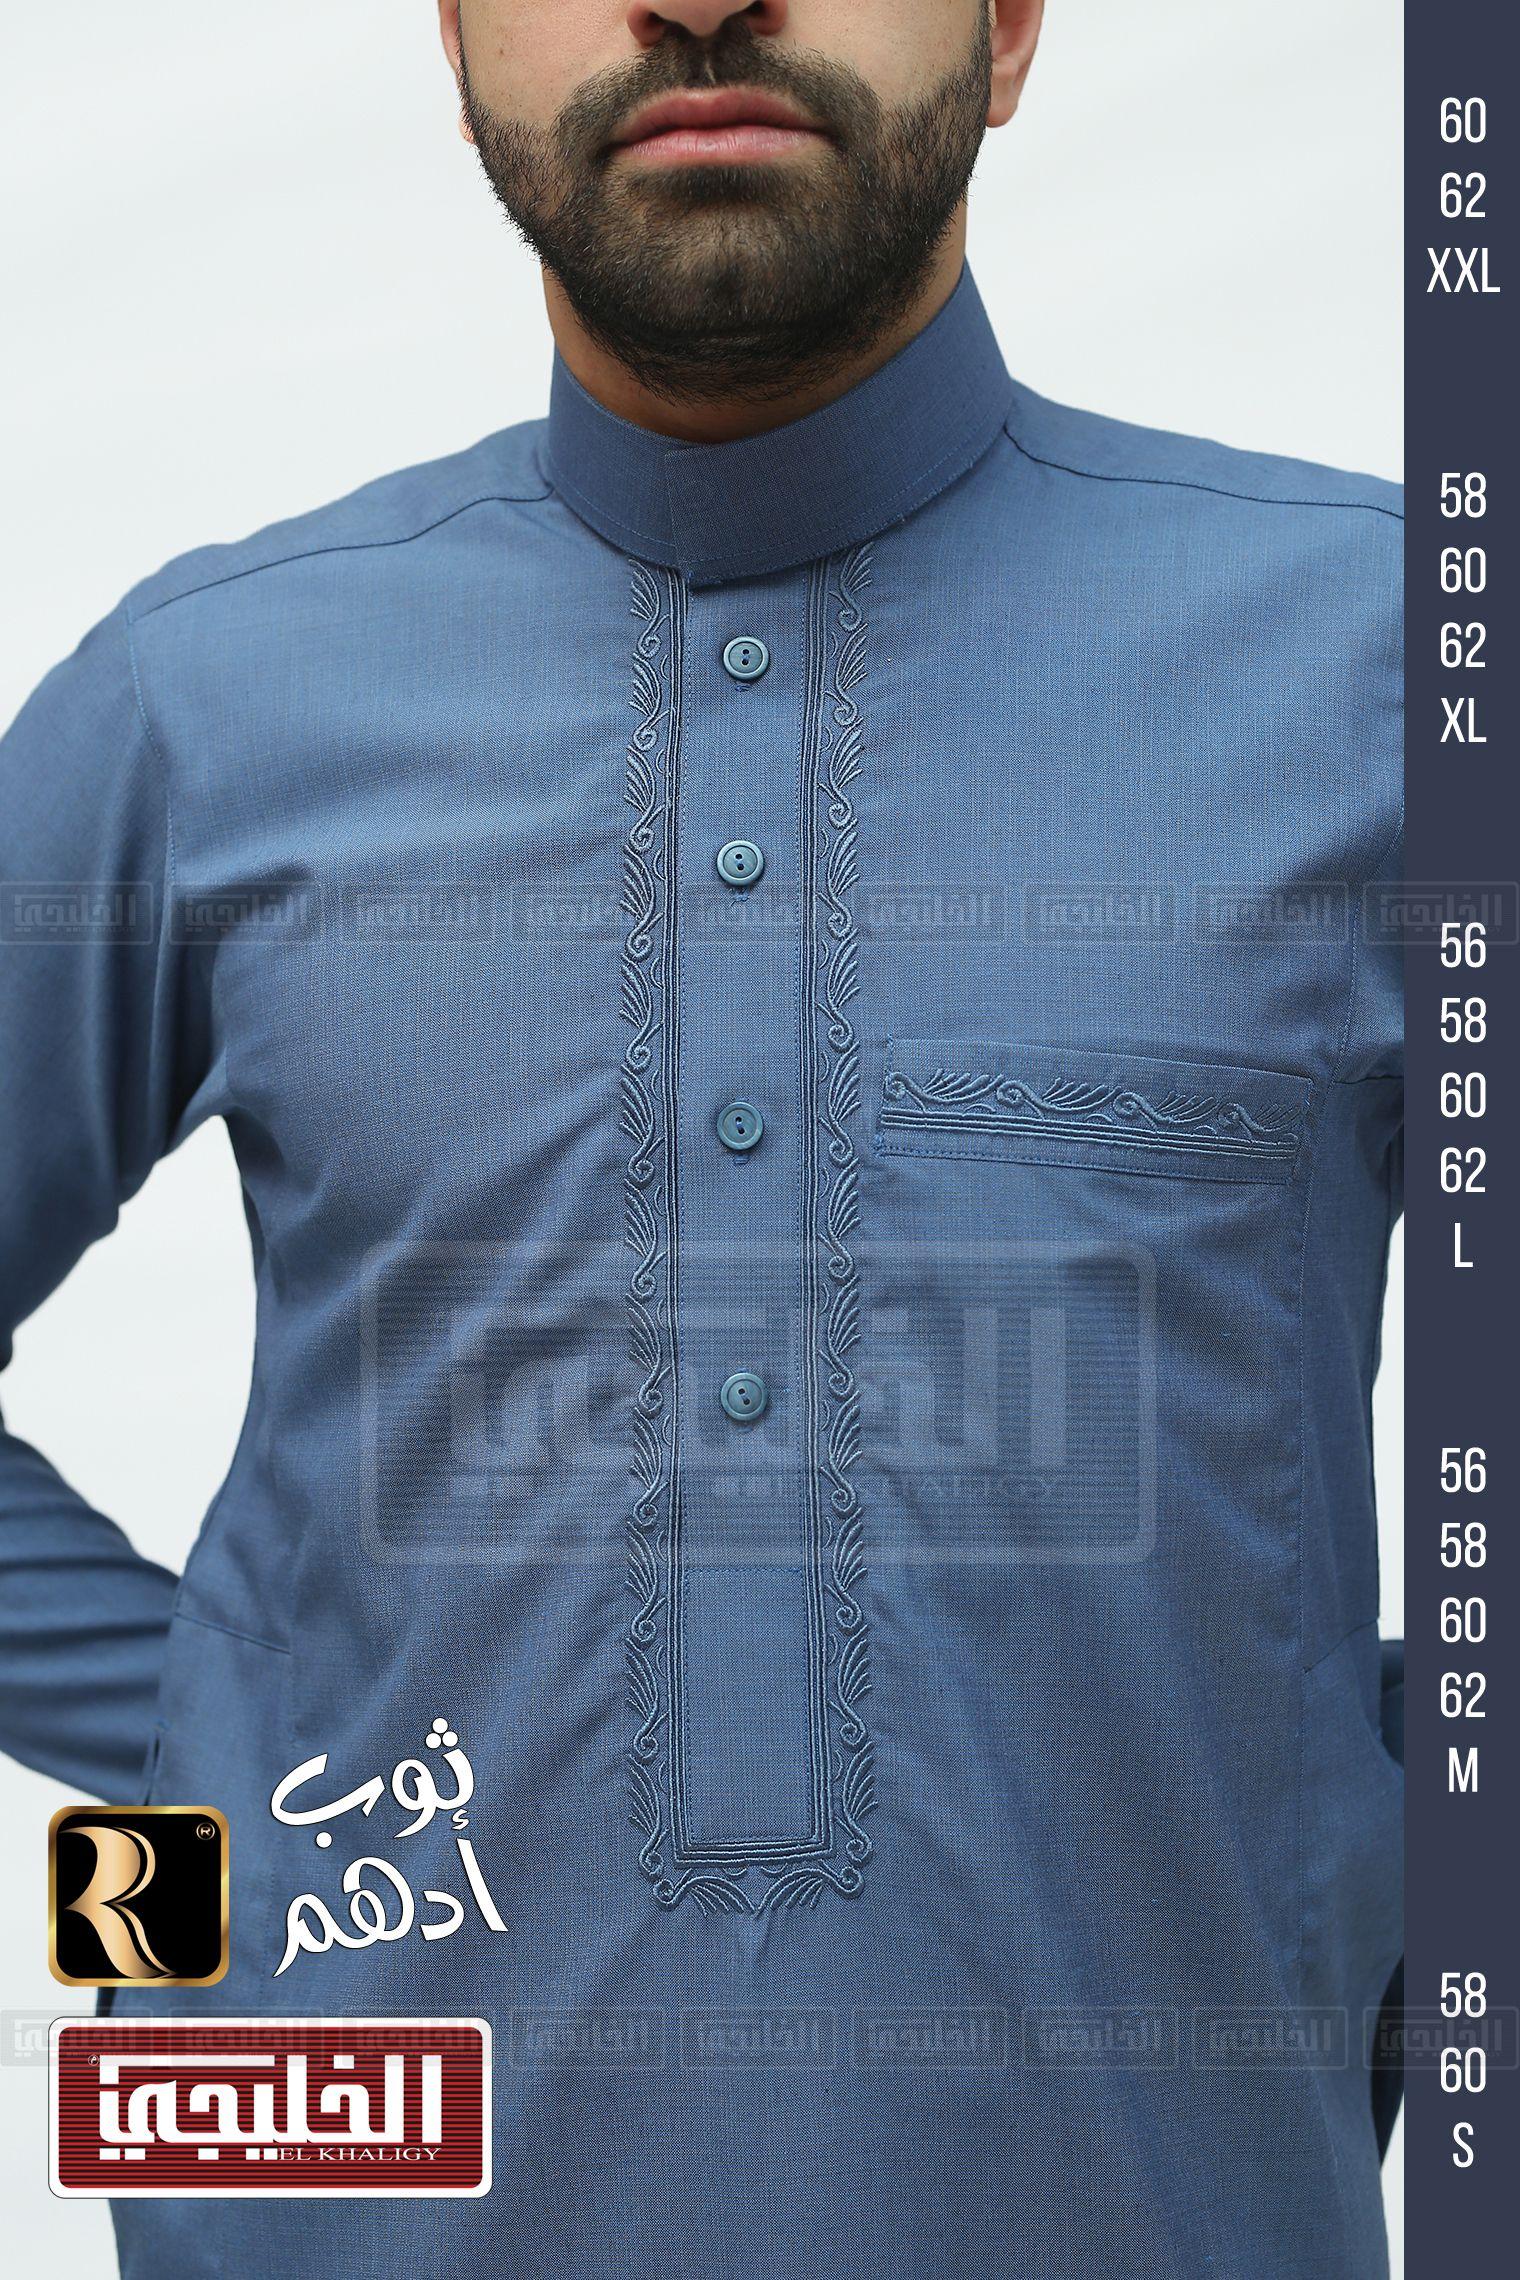 ثوب أدهم Button Up Shirts Denim Button Up Shirts